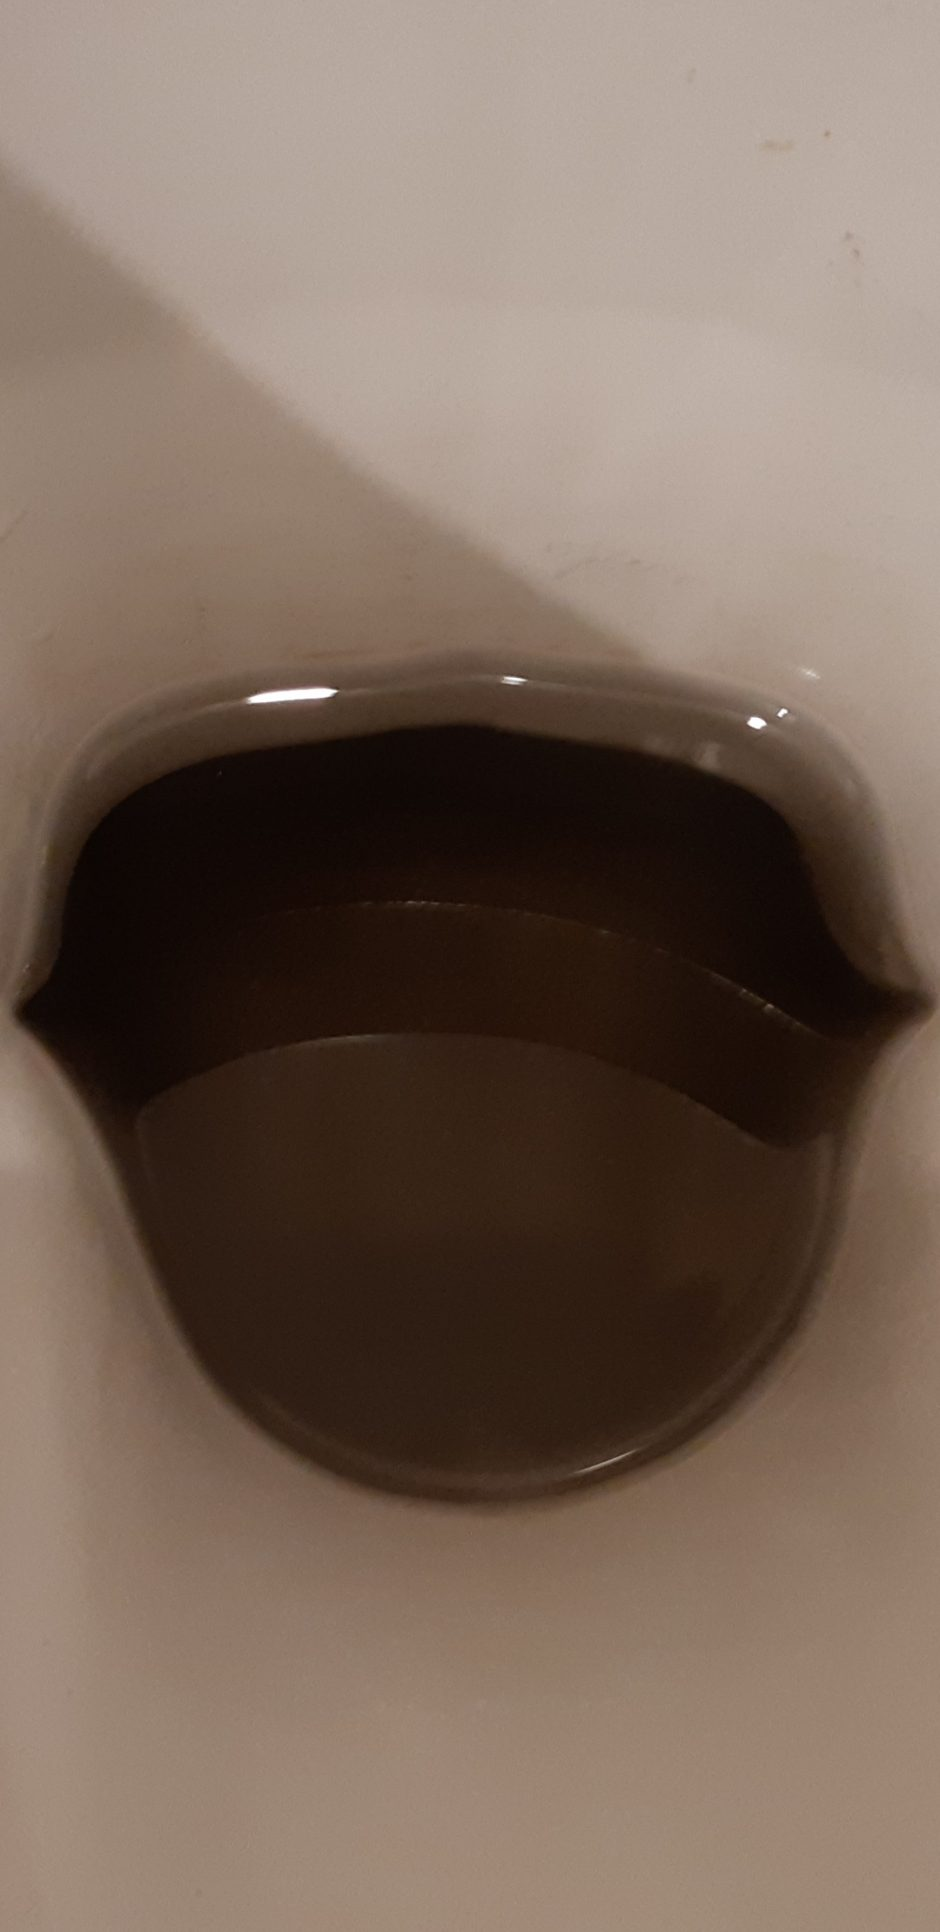 Kauniečiai skundžiasi – visame mieste bėga juodas vanduo